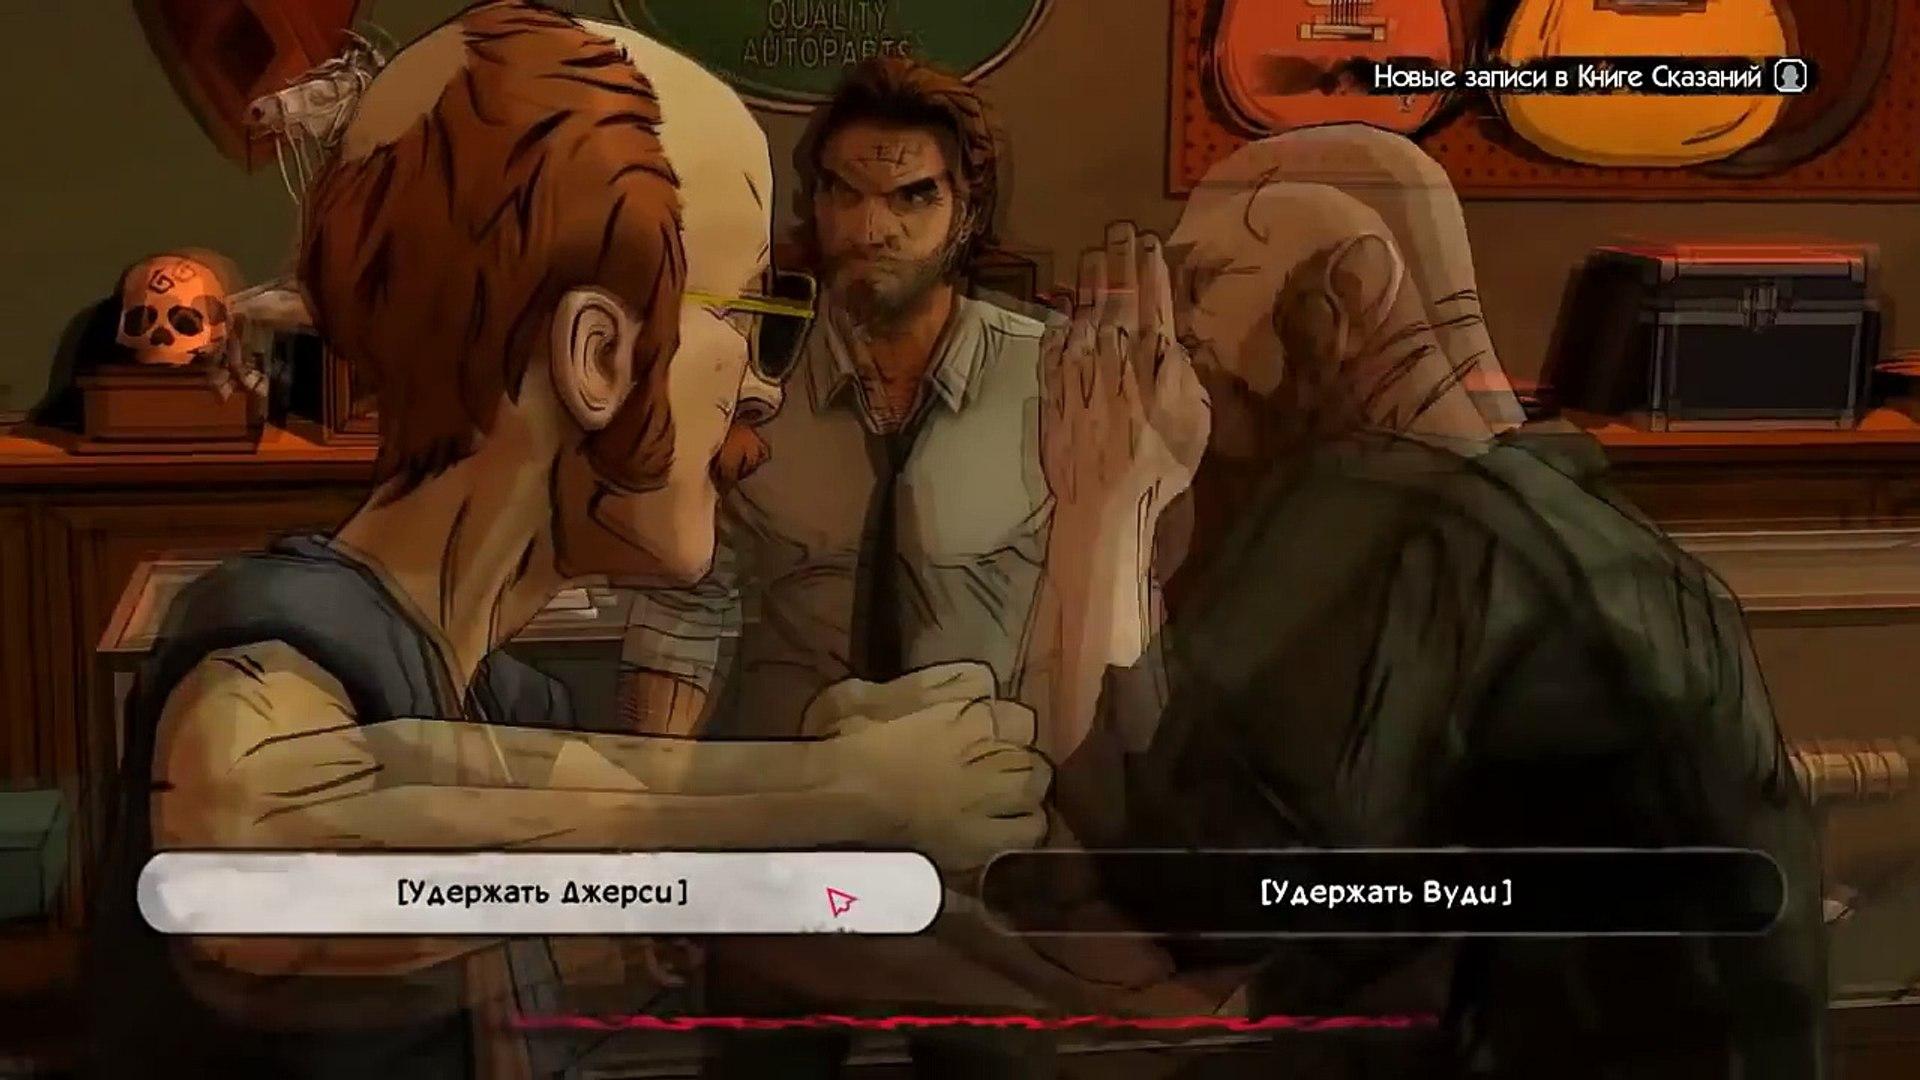 Выбор Летсплейщиковна решение Кого отправить на Погибель?Ханну или Ирландца в финале Battlefield 4